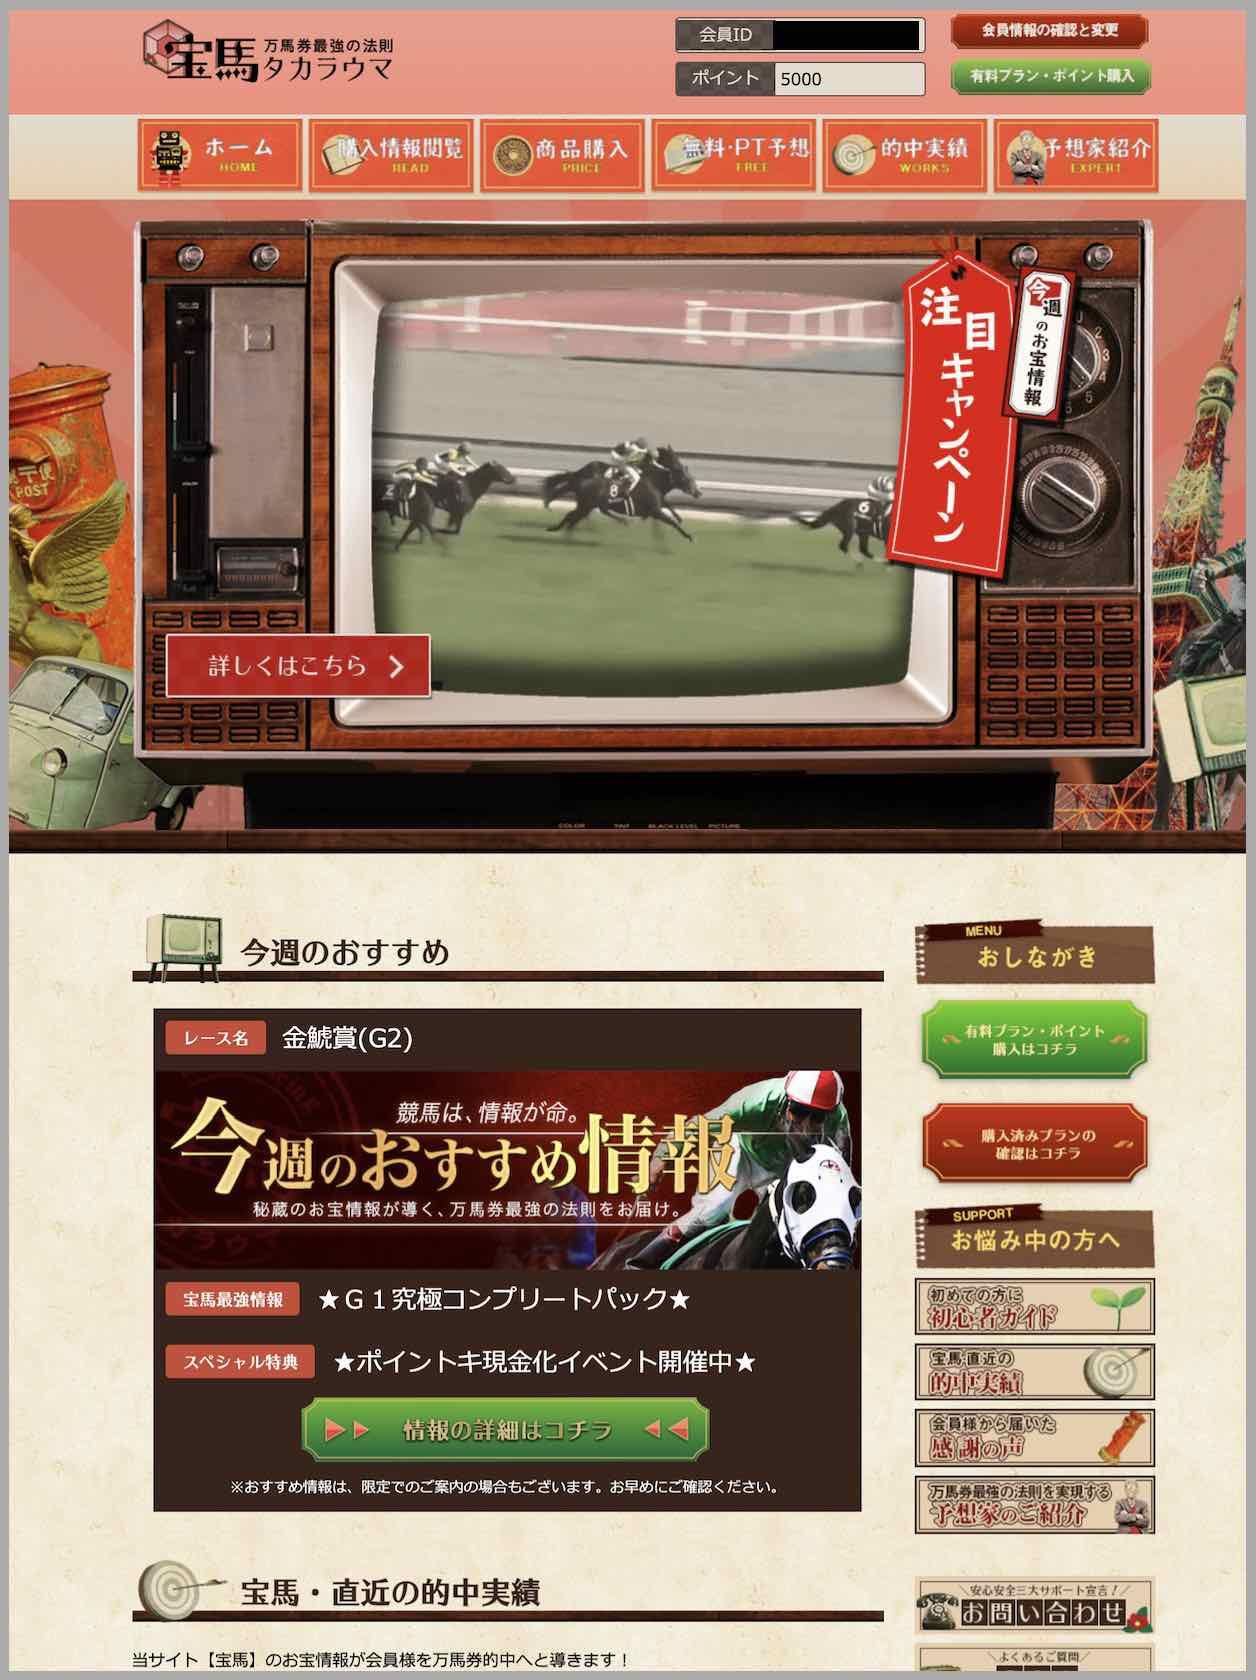 宝馬という競馬予想サイトの会員ページ